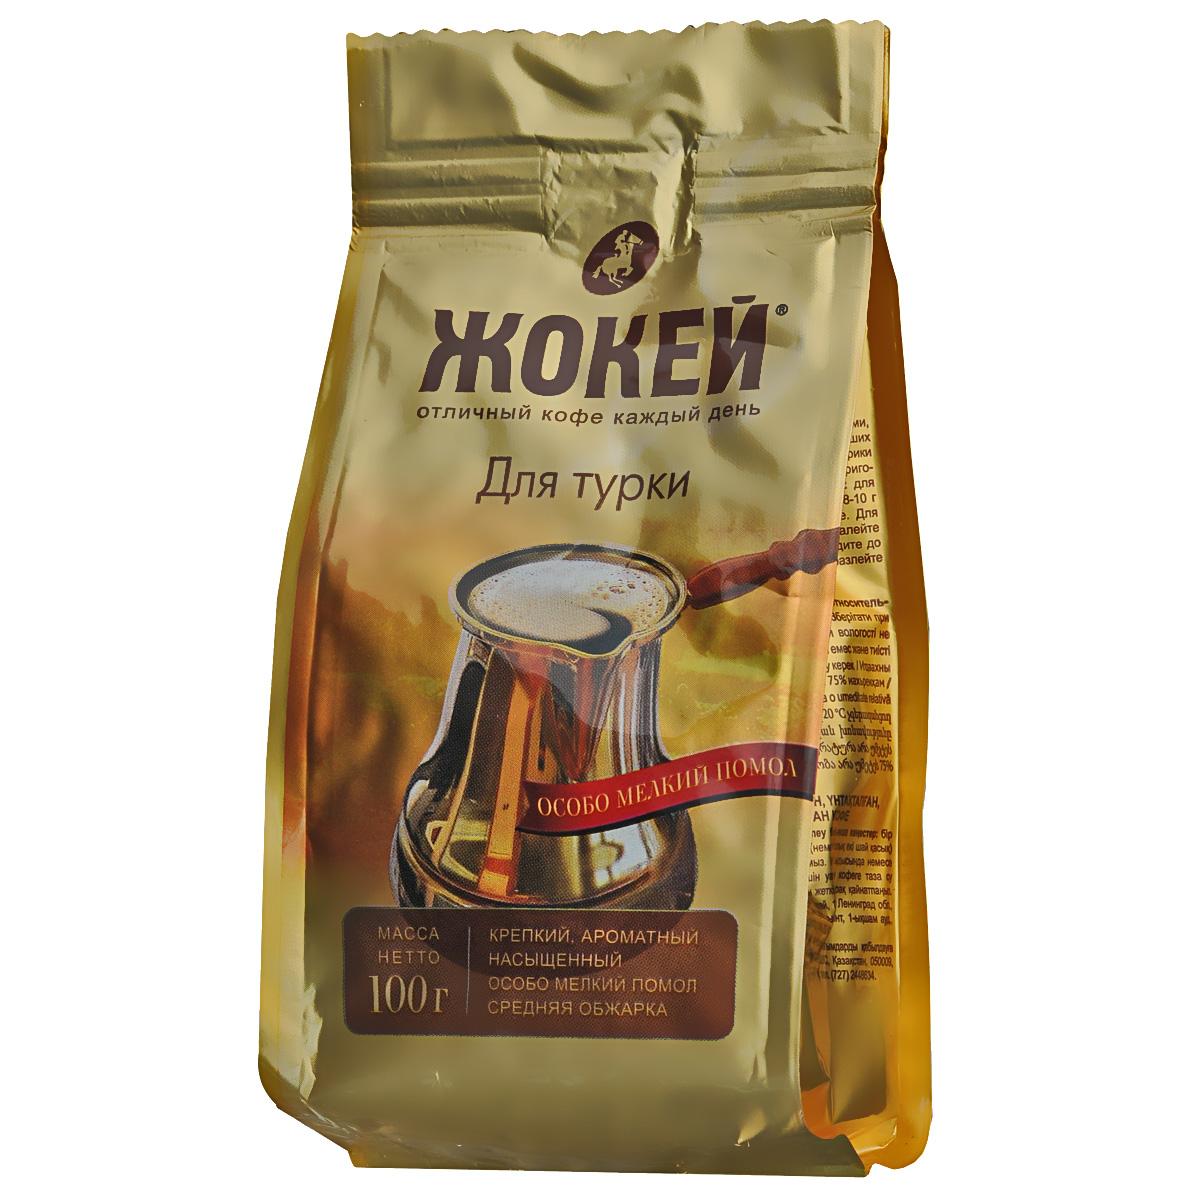 Жокей Для турки кофе молотый, 100 г ( 0772-24 )